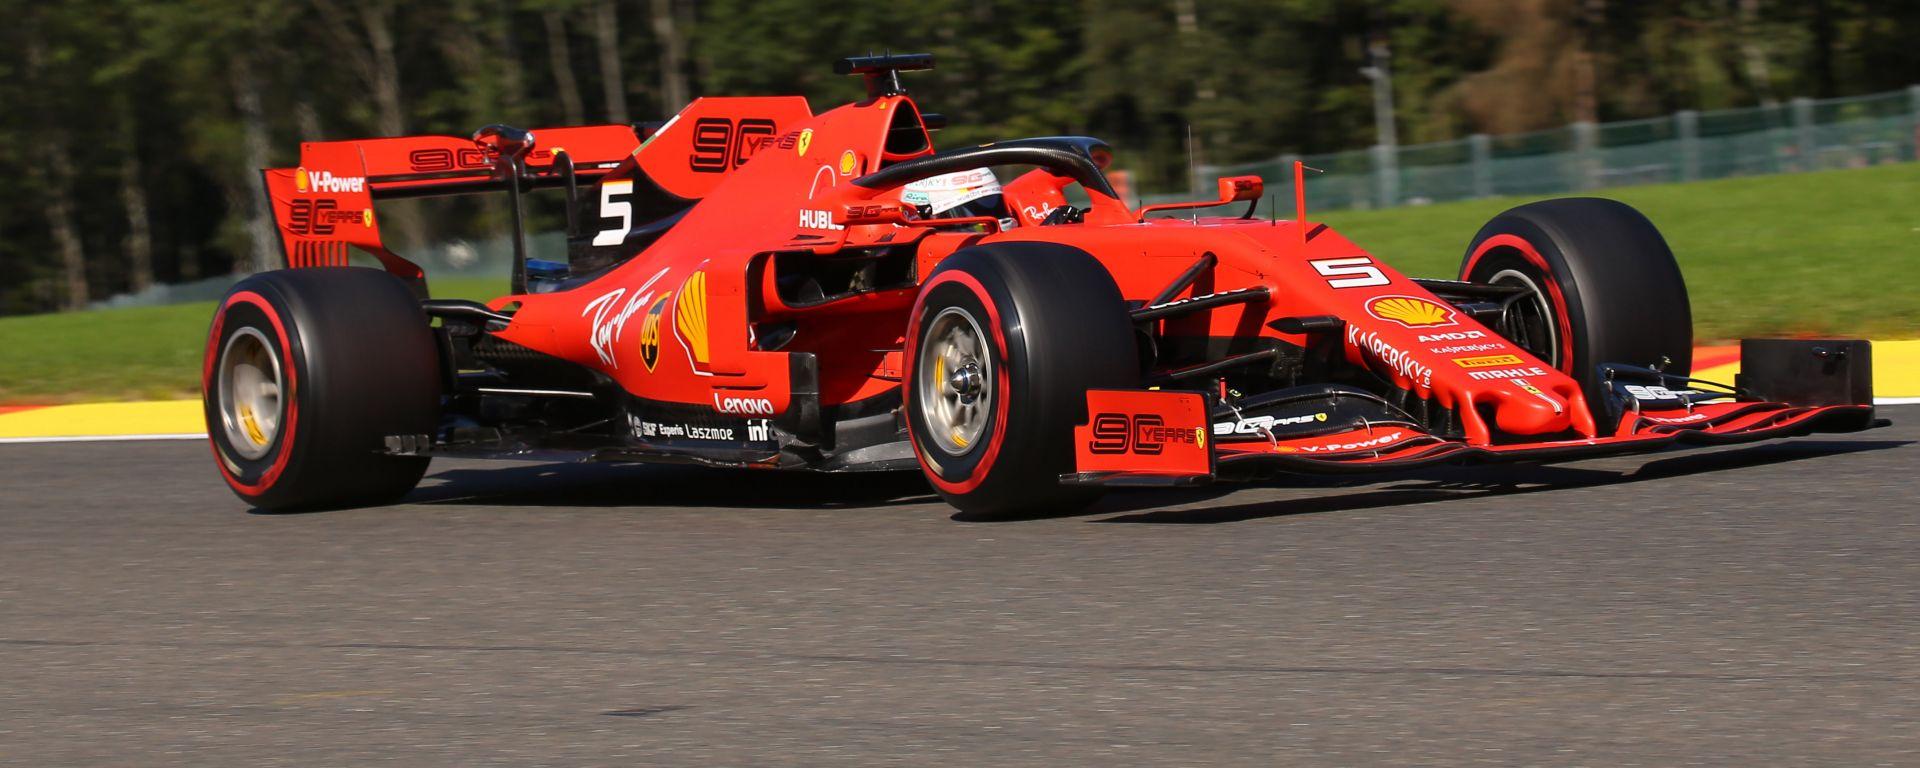 F1 GP Belgio 2019, Spa: Sebastian Vettel (Ferrari) in azione in pista